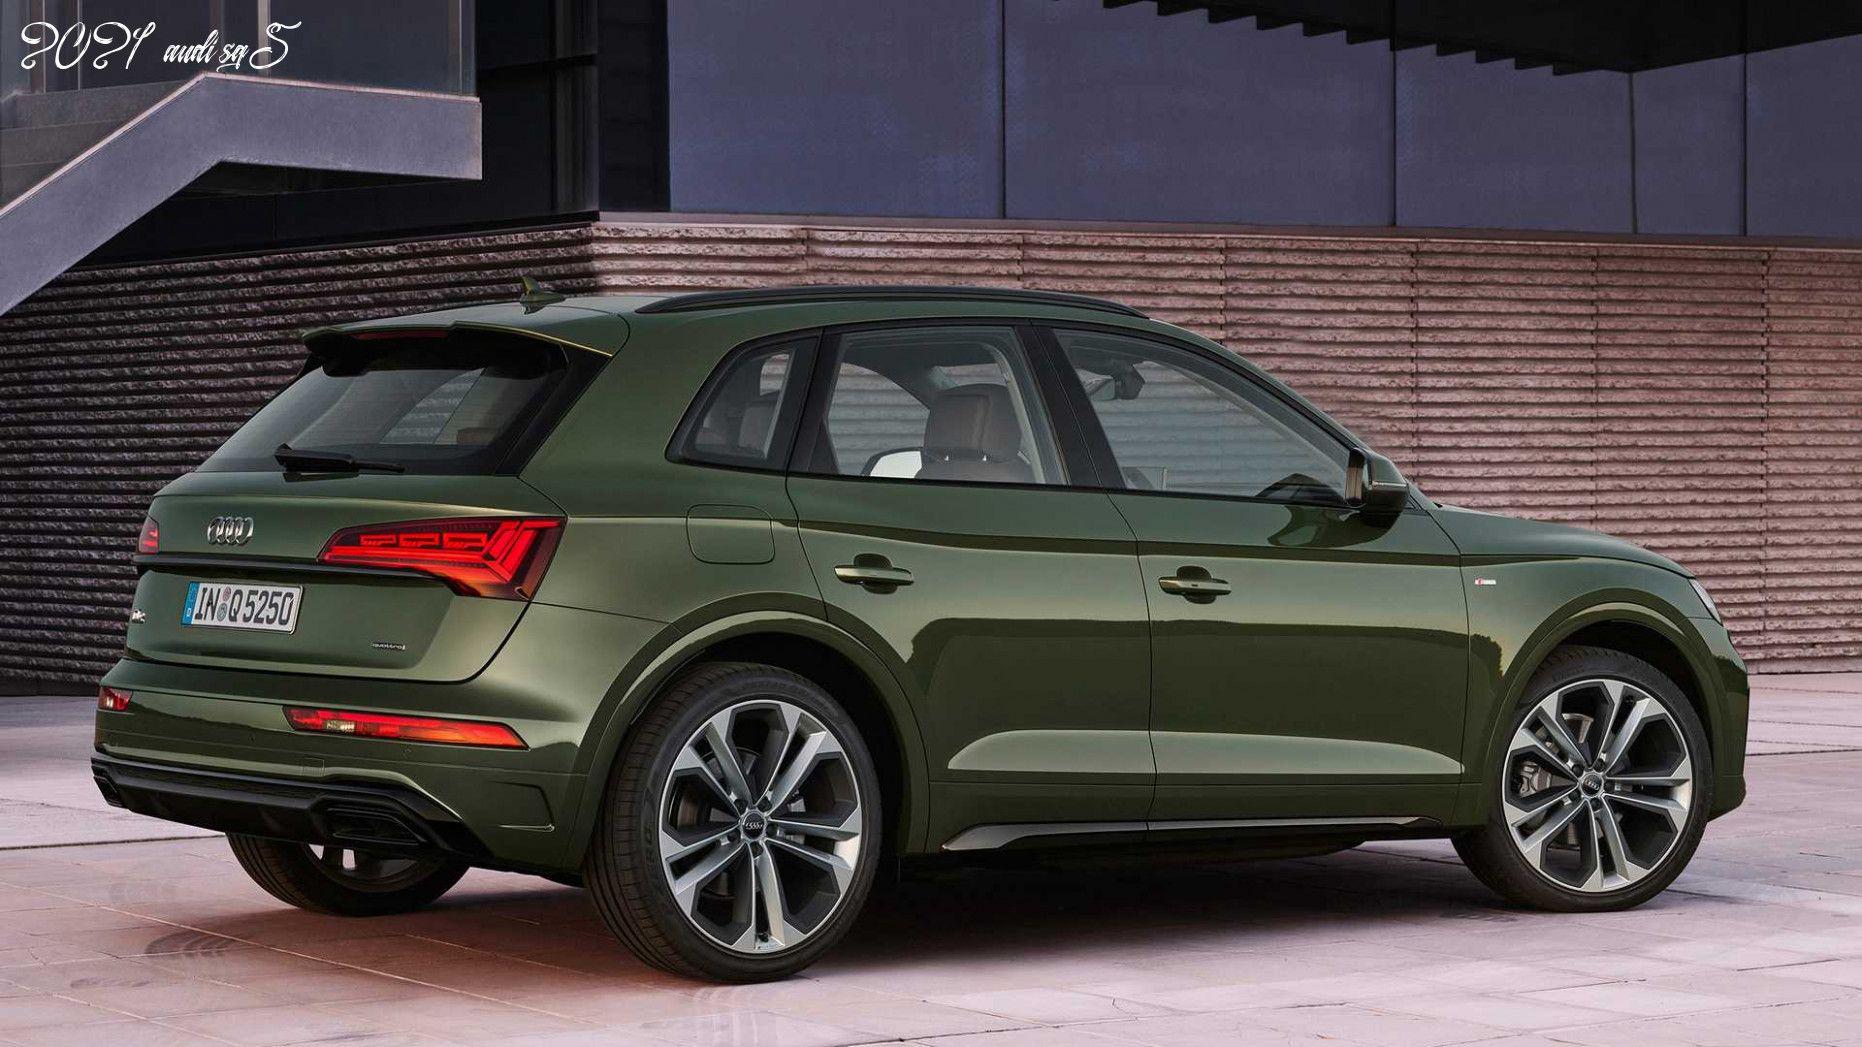 2021 Audi Sq5 In 2020 Audi Q5 Audi Sq5